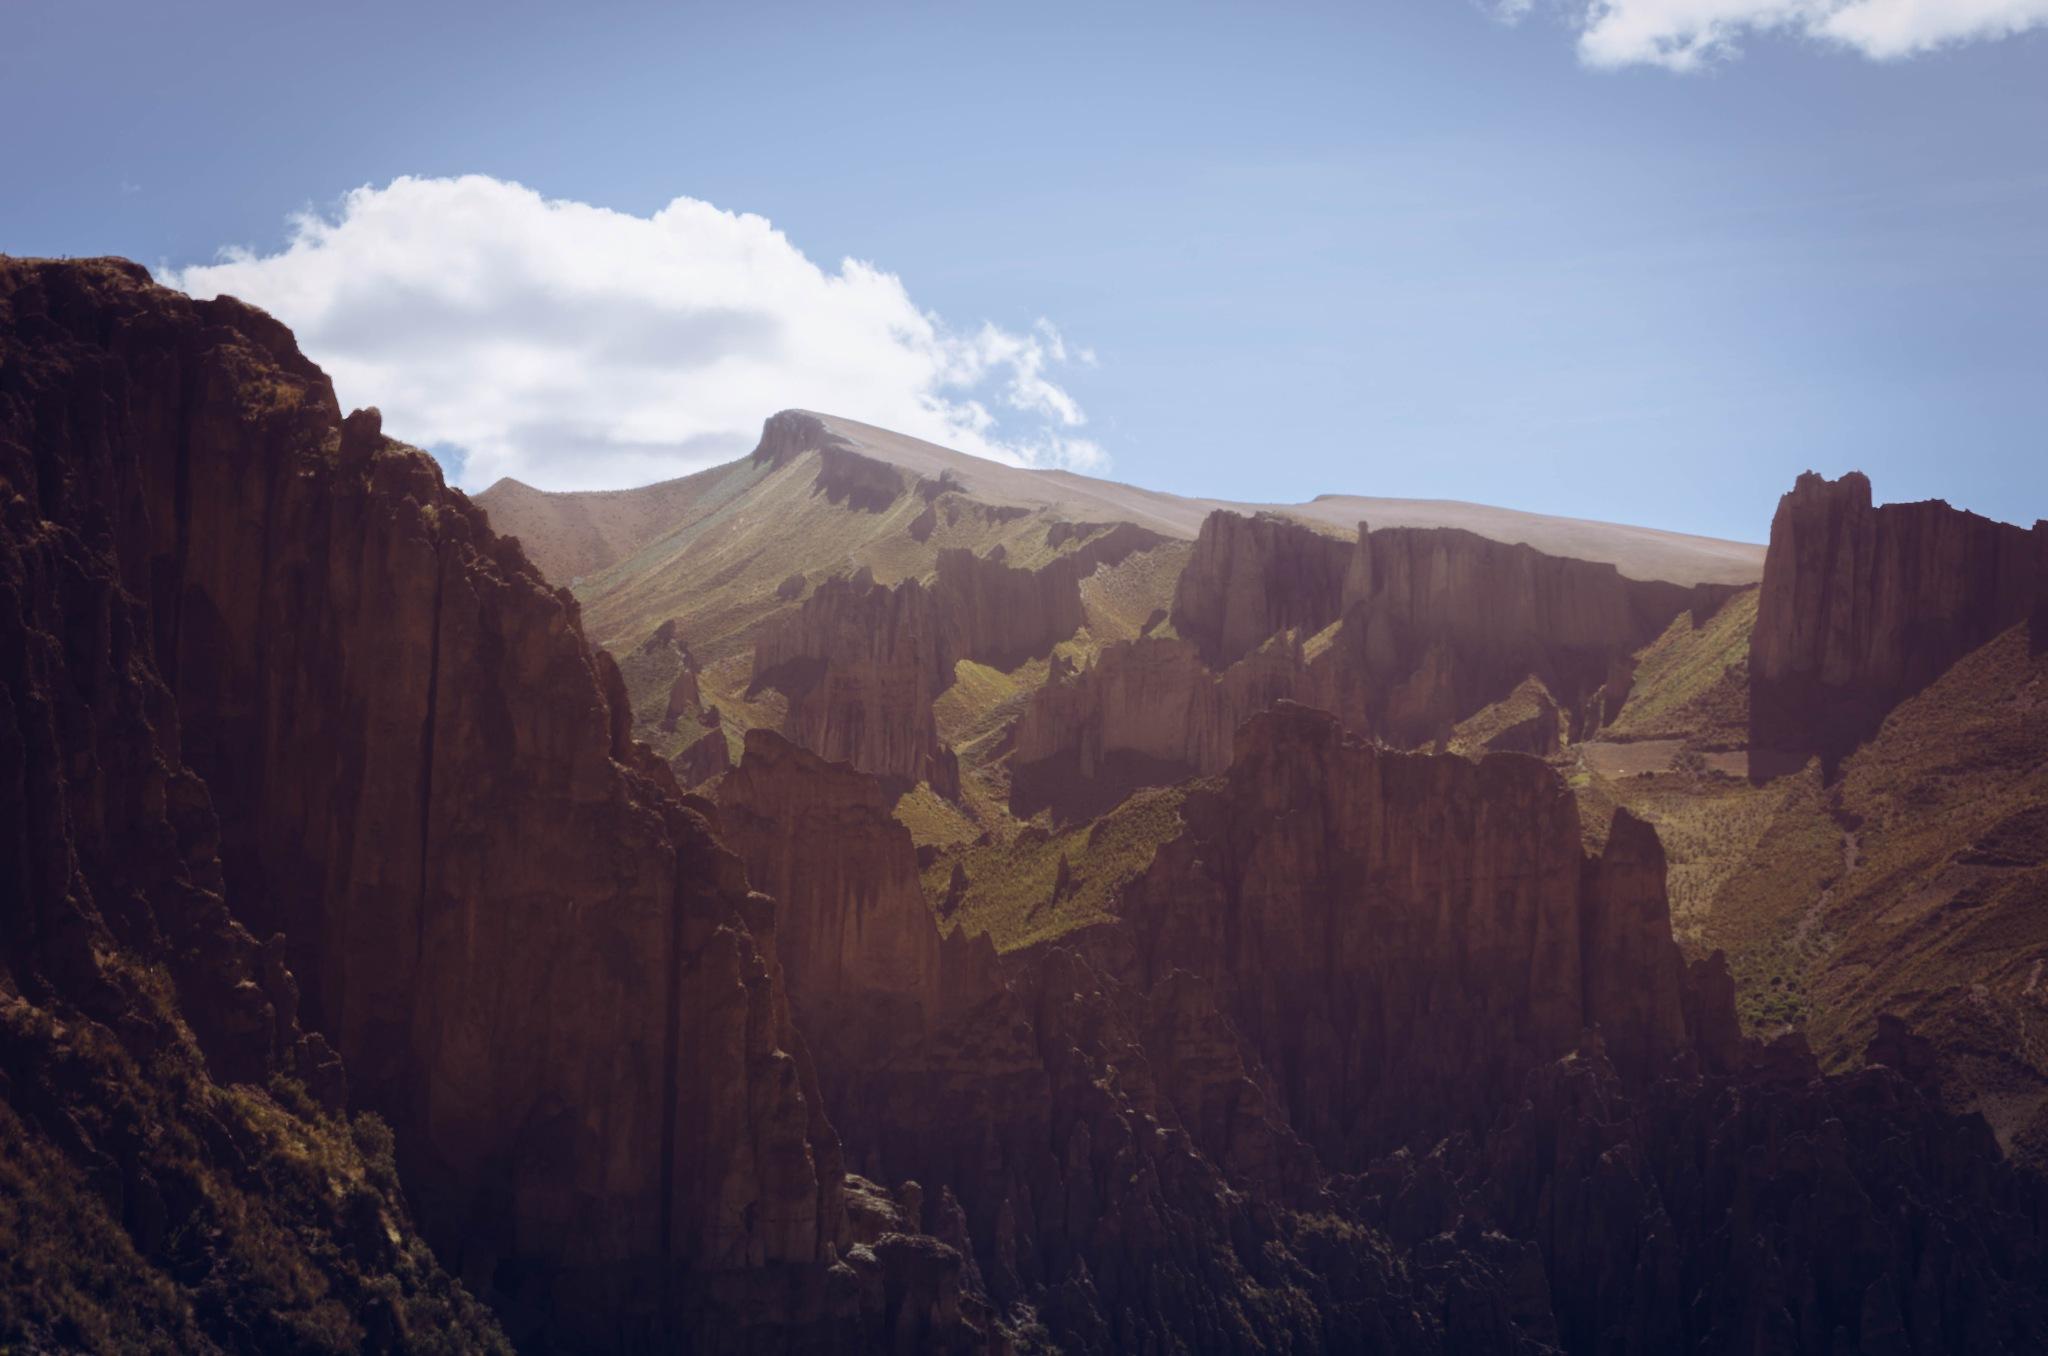 Valle de Las Animas by Martin Posada